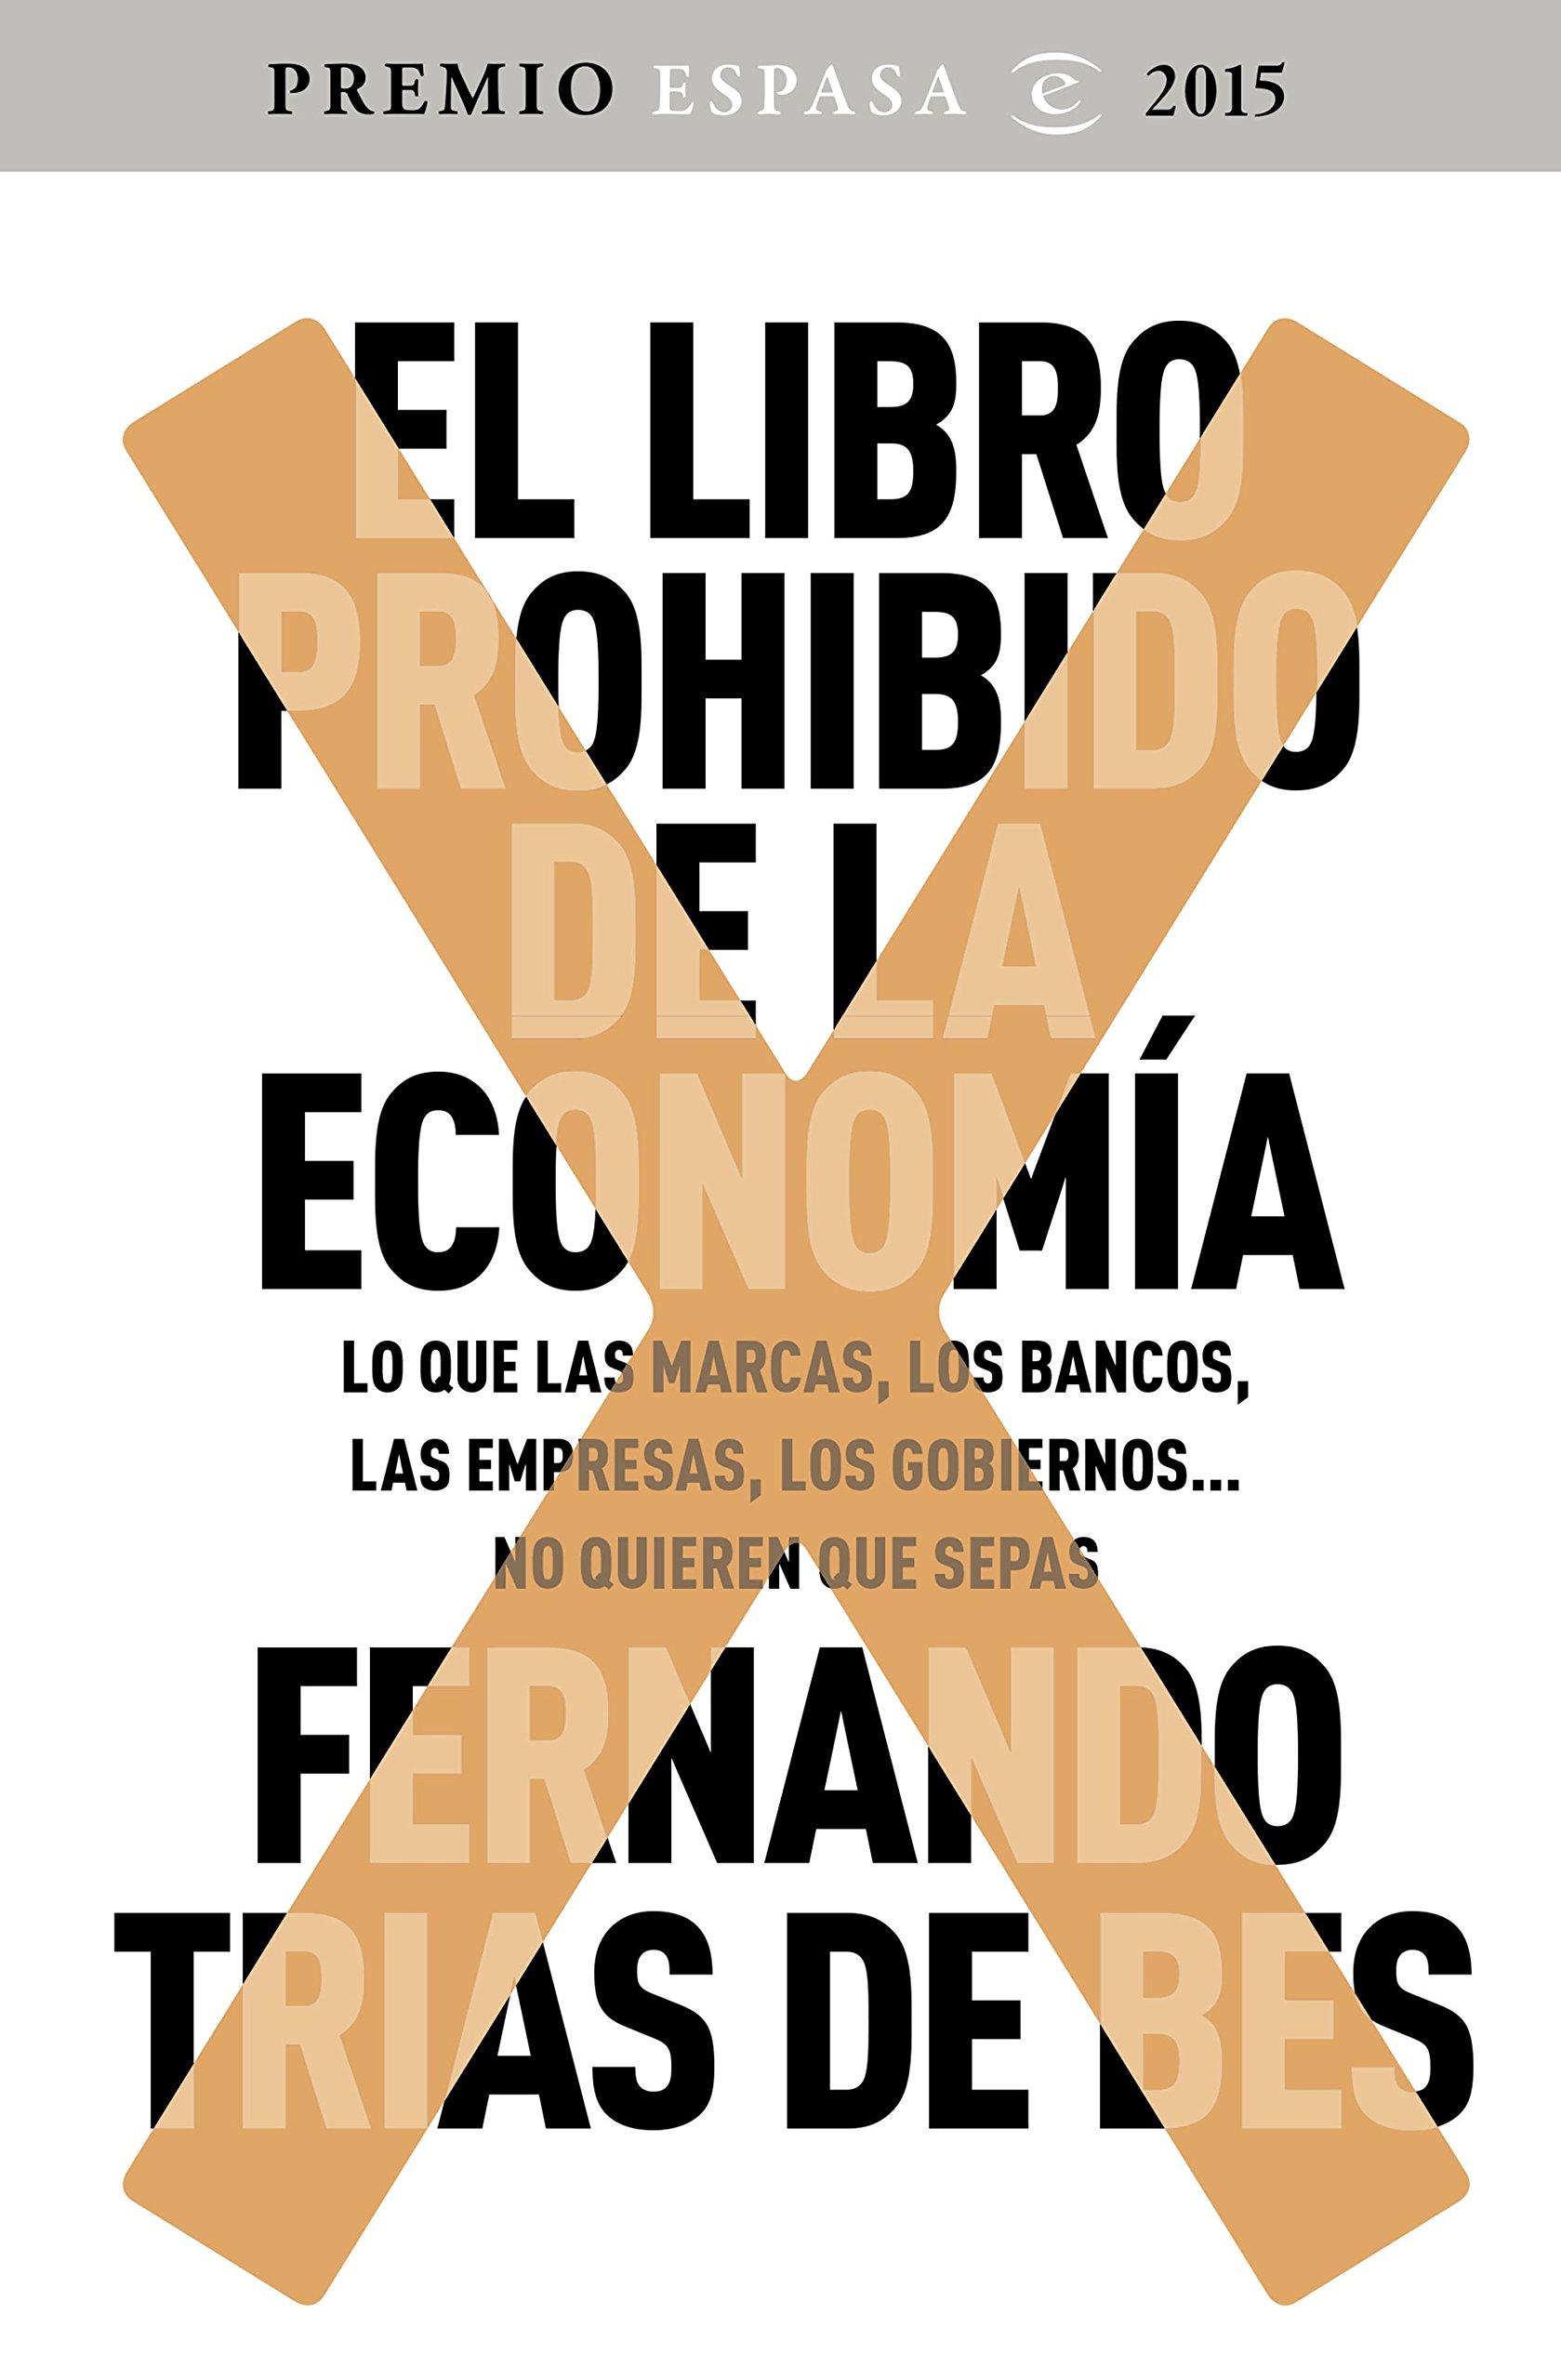 El libro prohibido de la economía: Ganador Premio Espasa 2015. Lo que las marcas, los bancos, las empresas, los gobiernos... no quieren que sepas (FUERA DE COLECCIÓN Y ONE SHOT) Tapa blanda – 27 oct 2015 Fernando Trías de Bes 8467045531 Political economy